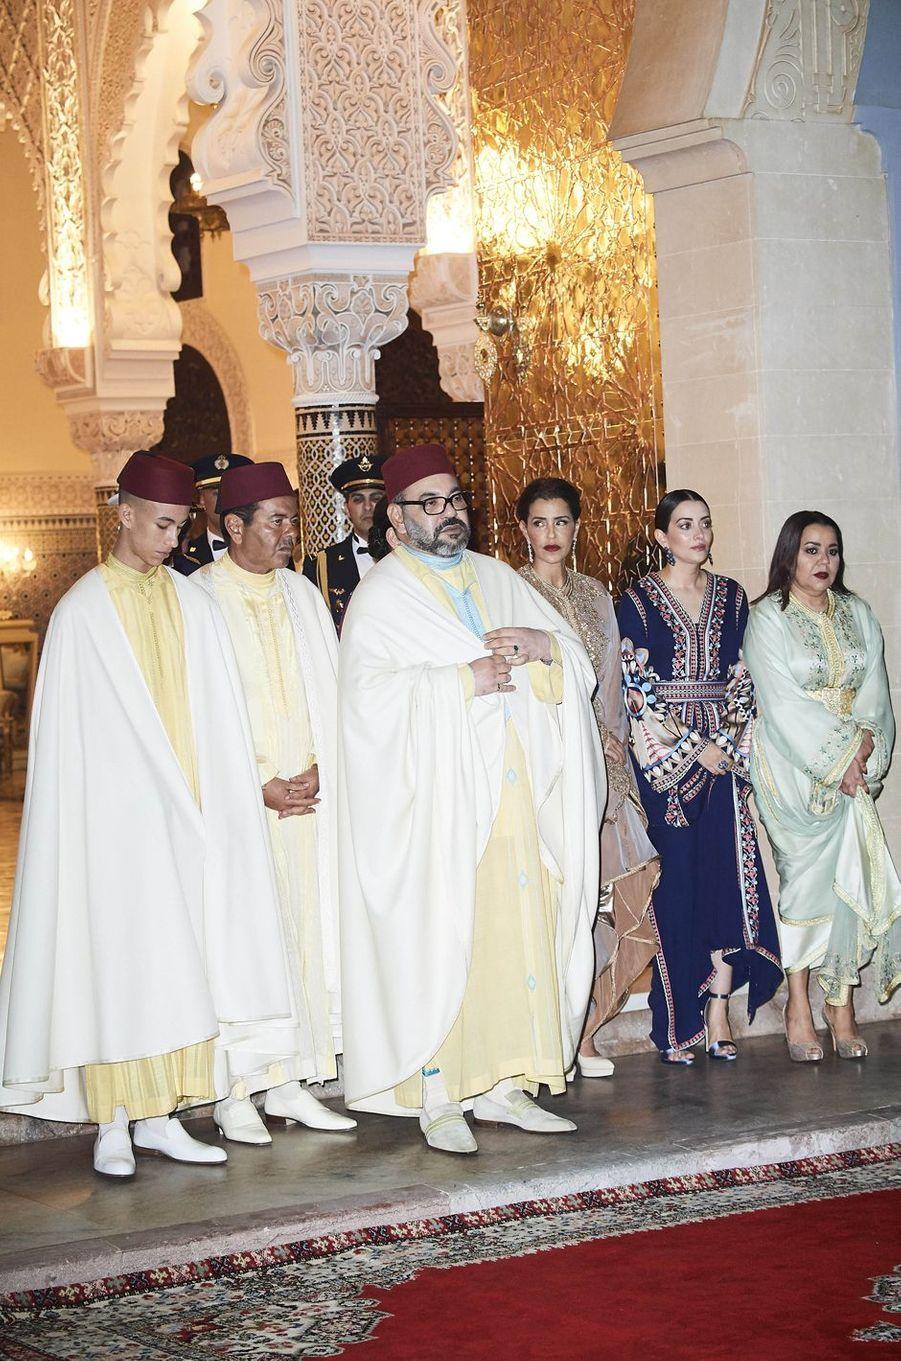 La famille royale du Maroc à Rabat, le 13 février 2019